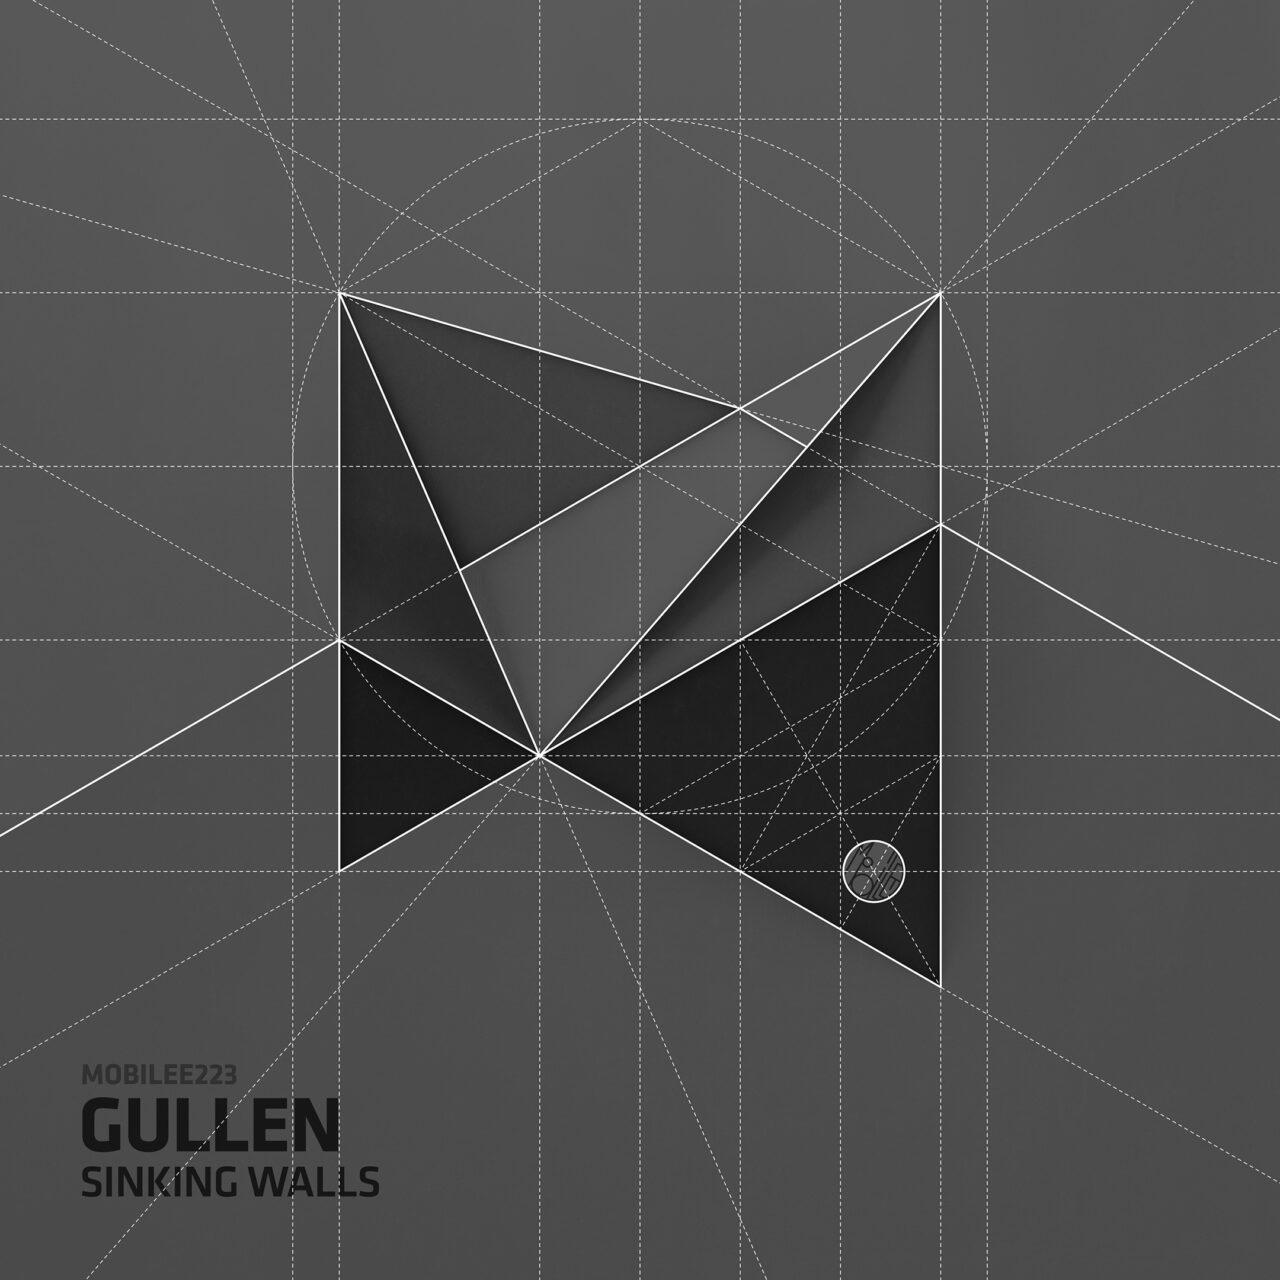 Mobilee223_Gullen_SinkingWalls_construction